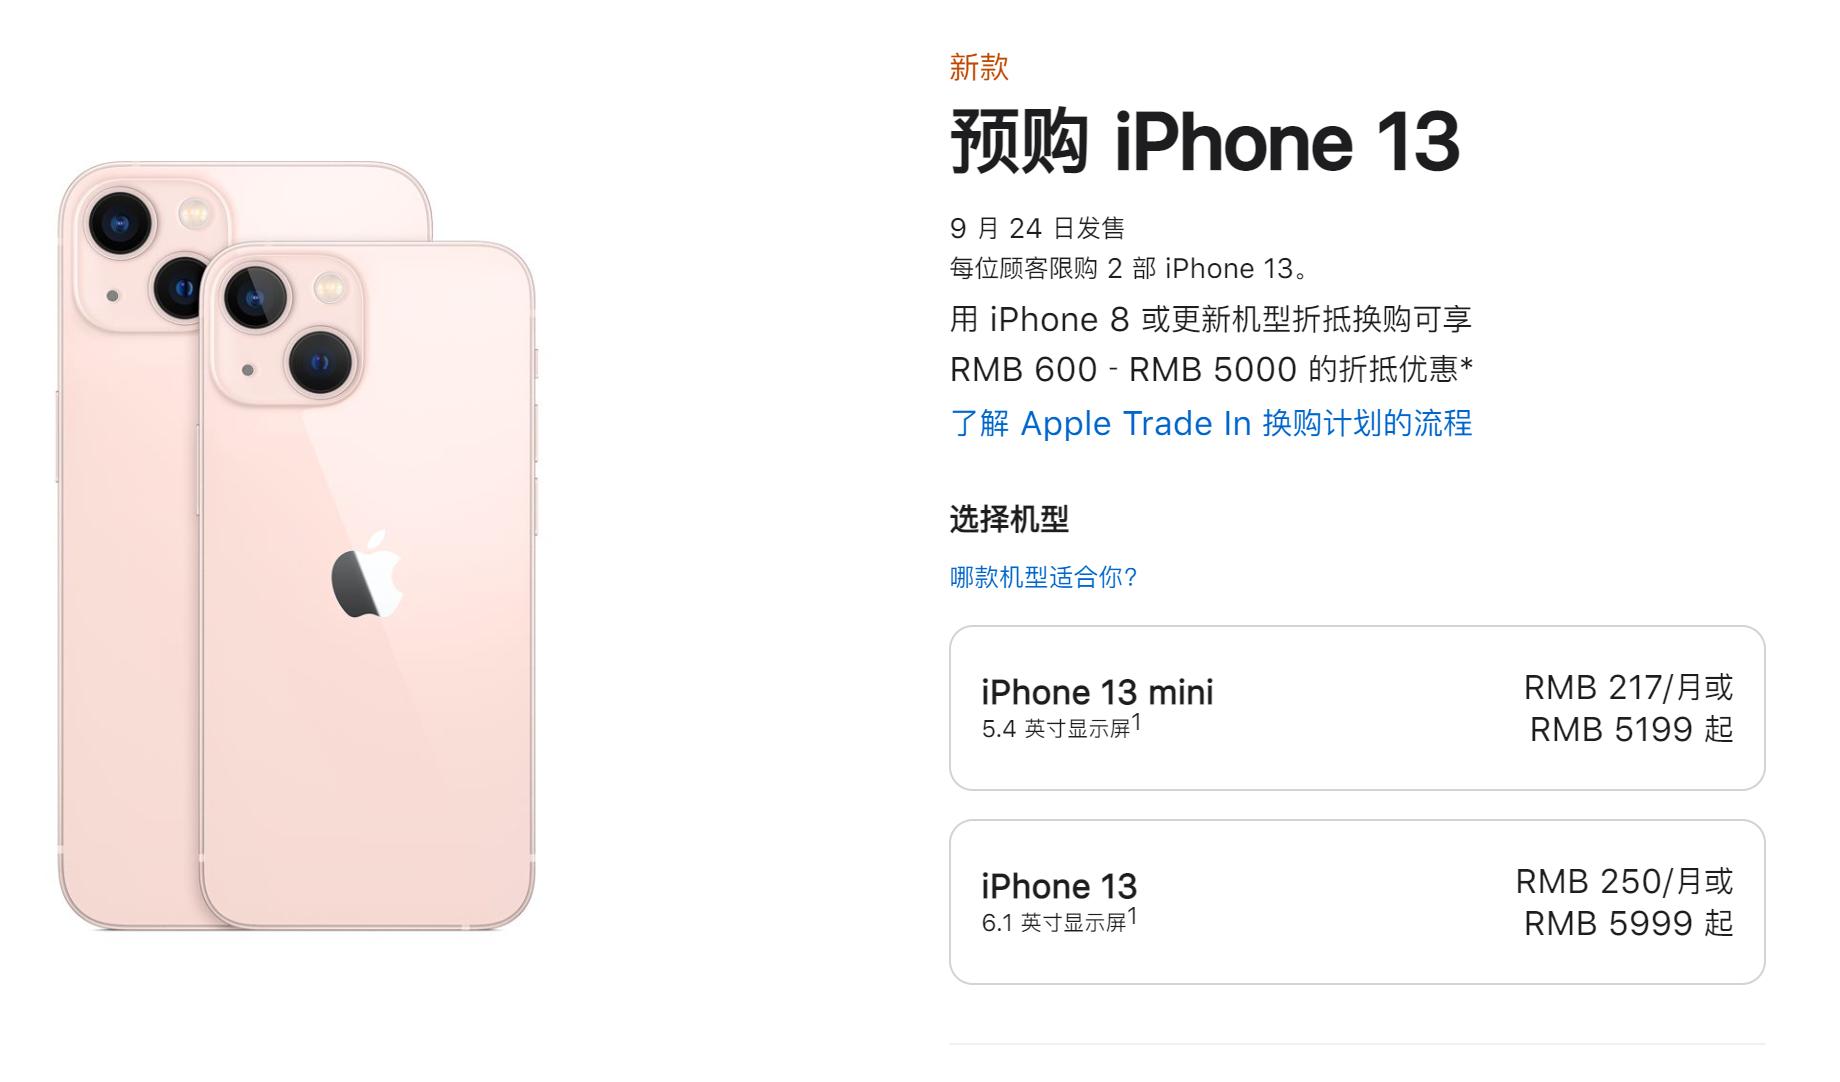 降价800元就杀疯了:iPhone13抢购致系统崩溃,晚一分钟下单多等半个月